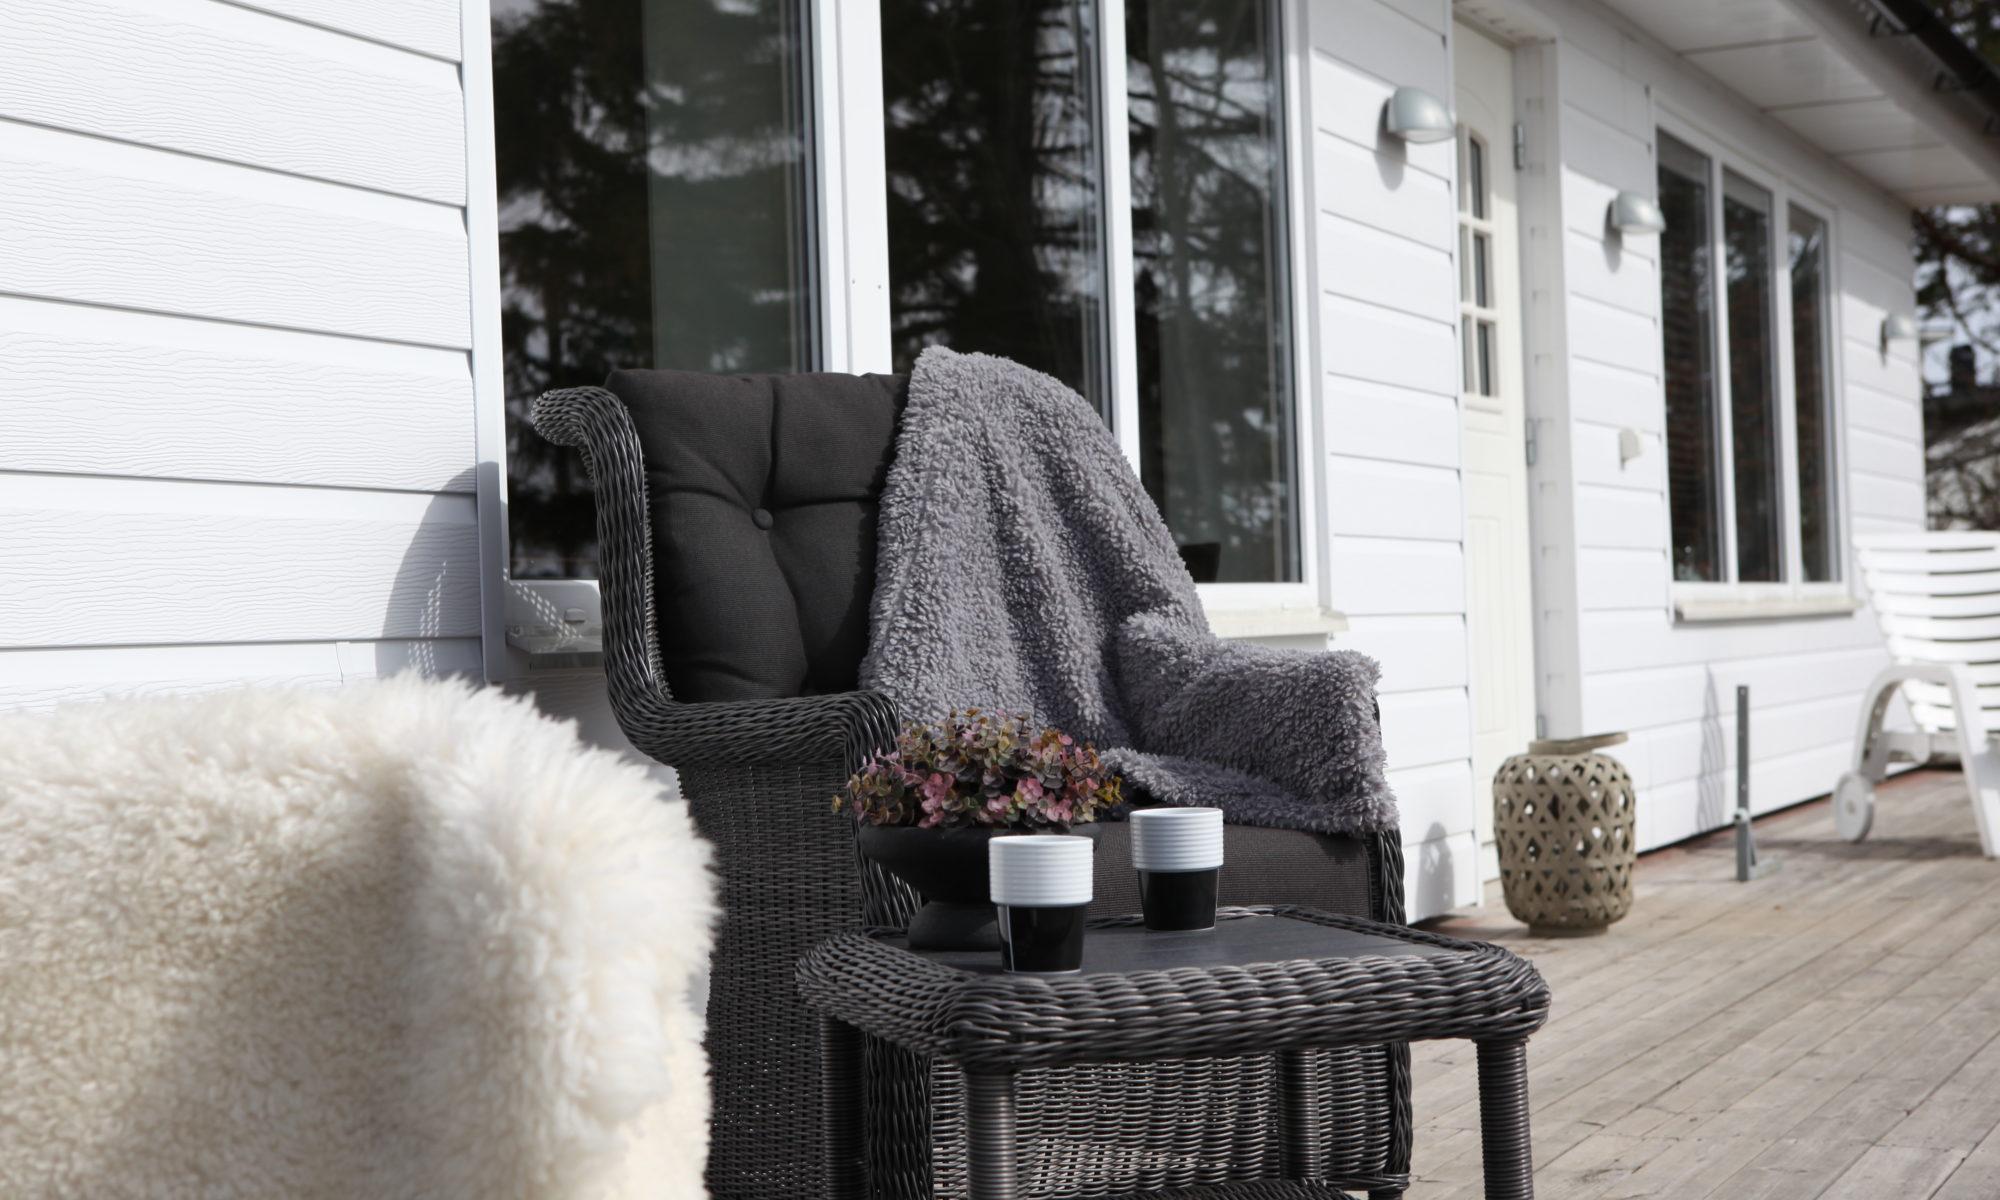 Underhållsfri fasad - Västkustpanel och stolar